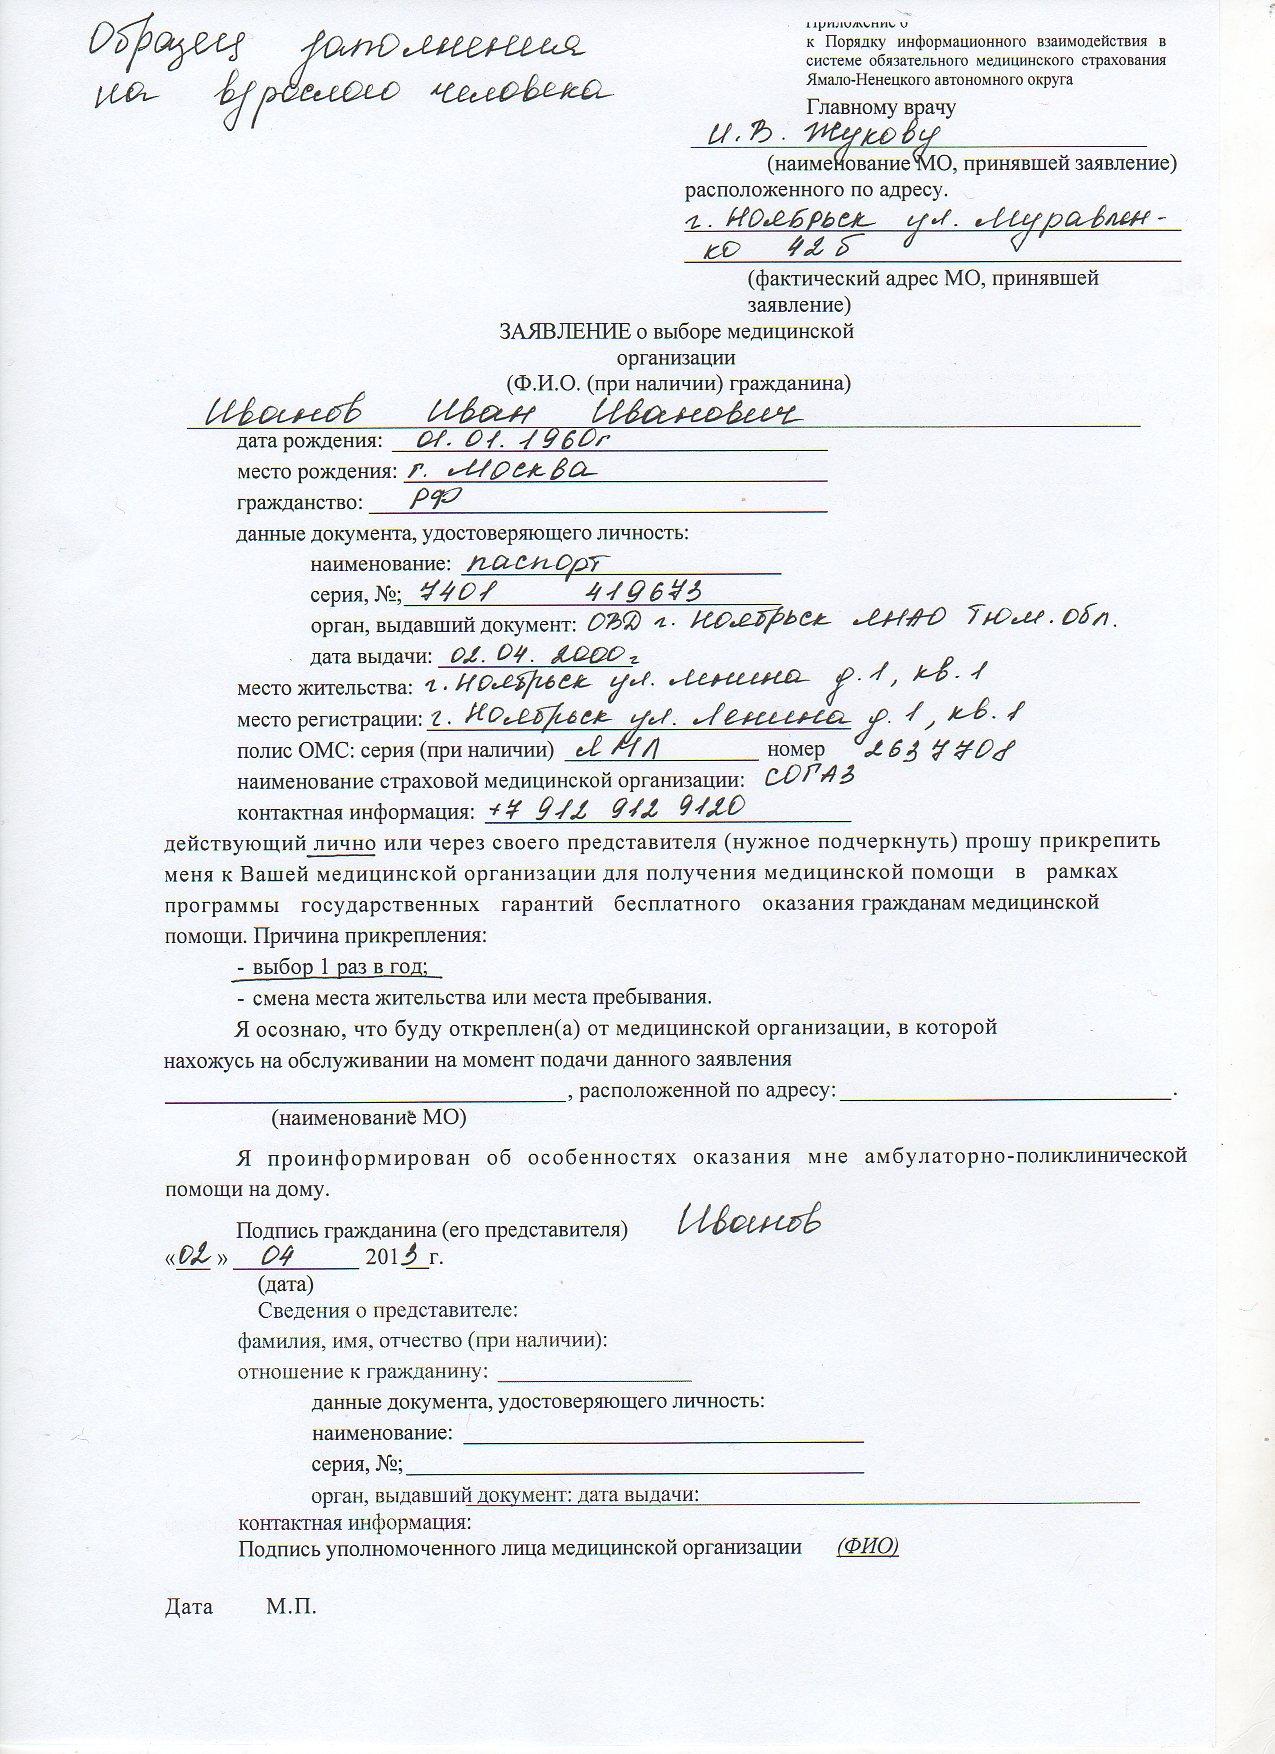 приказ о выборе медицинской организации